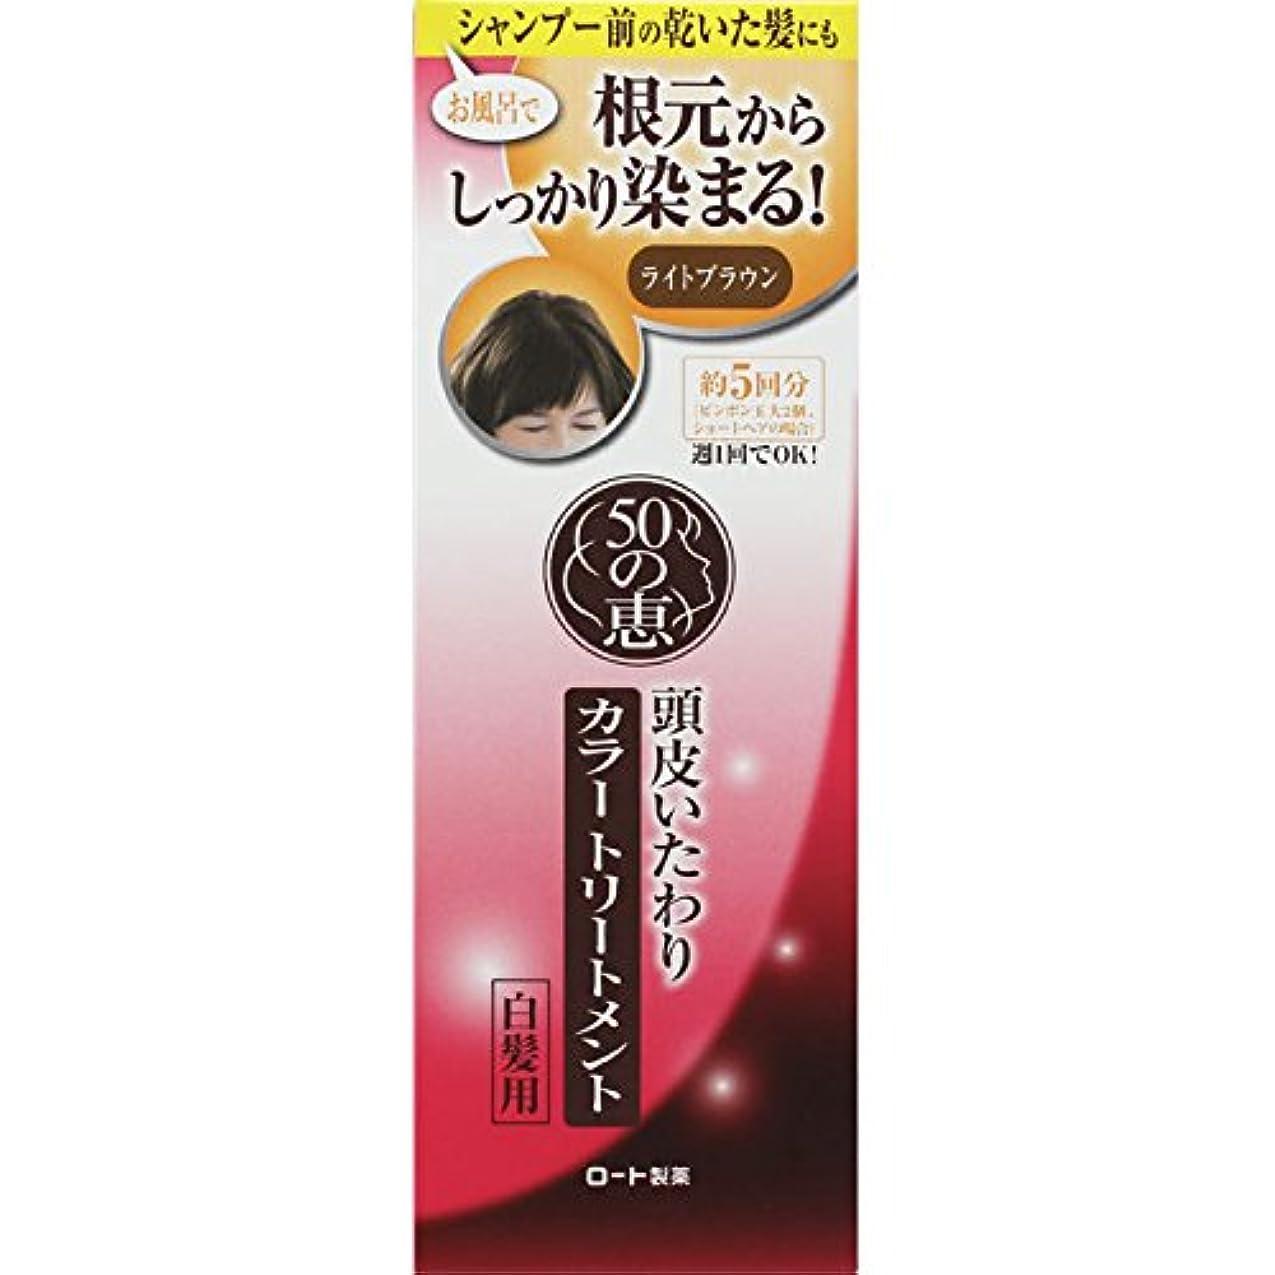 適切に刈り取る焼くロート製薬 50の恵エイジングケア 頭皮いたわりカラートリートメント ライトブラウン 150g